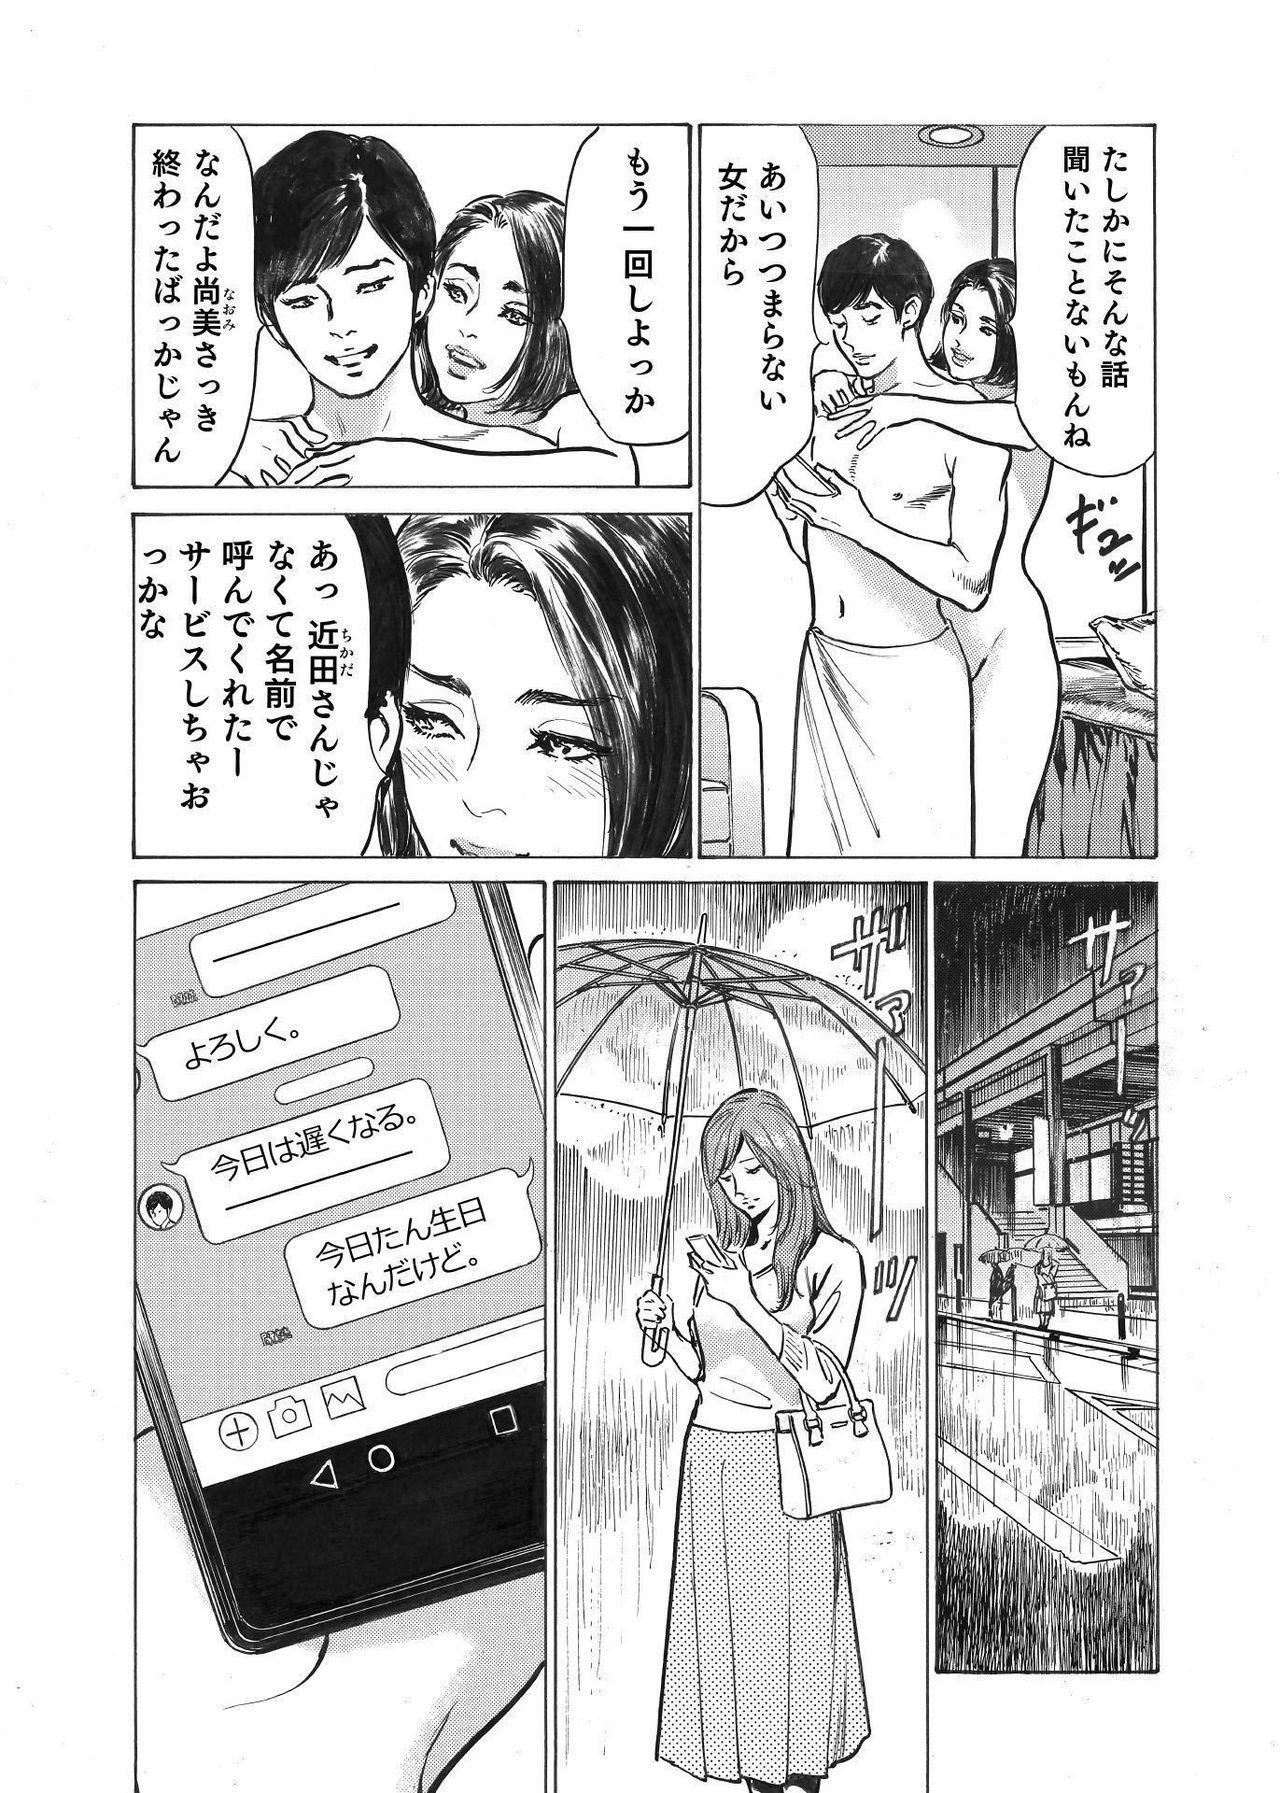 Ore wa Tsuma no Koto o Yoku Shiranai 1-9 4